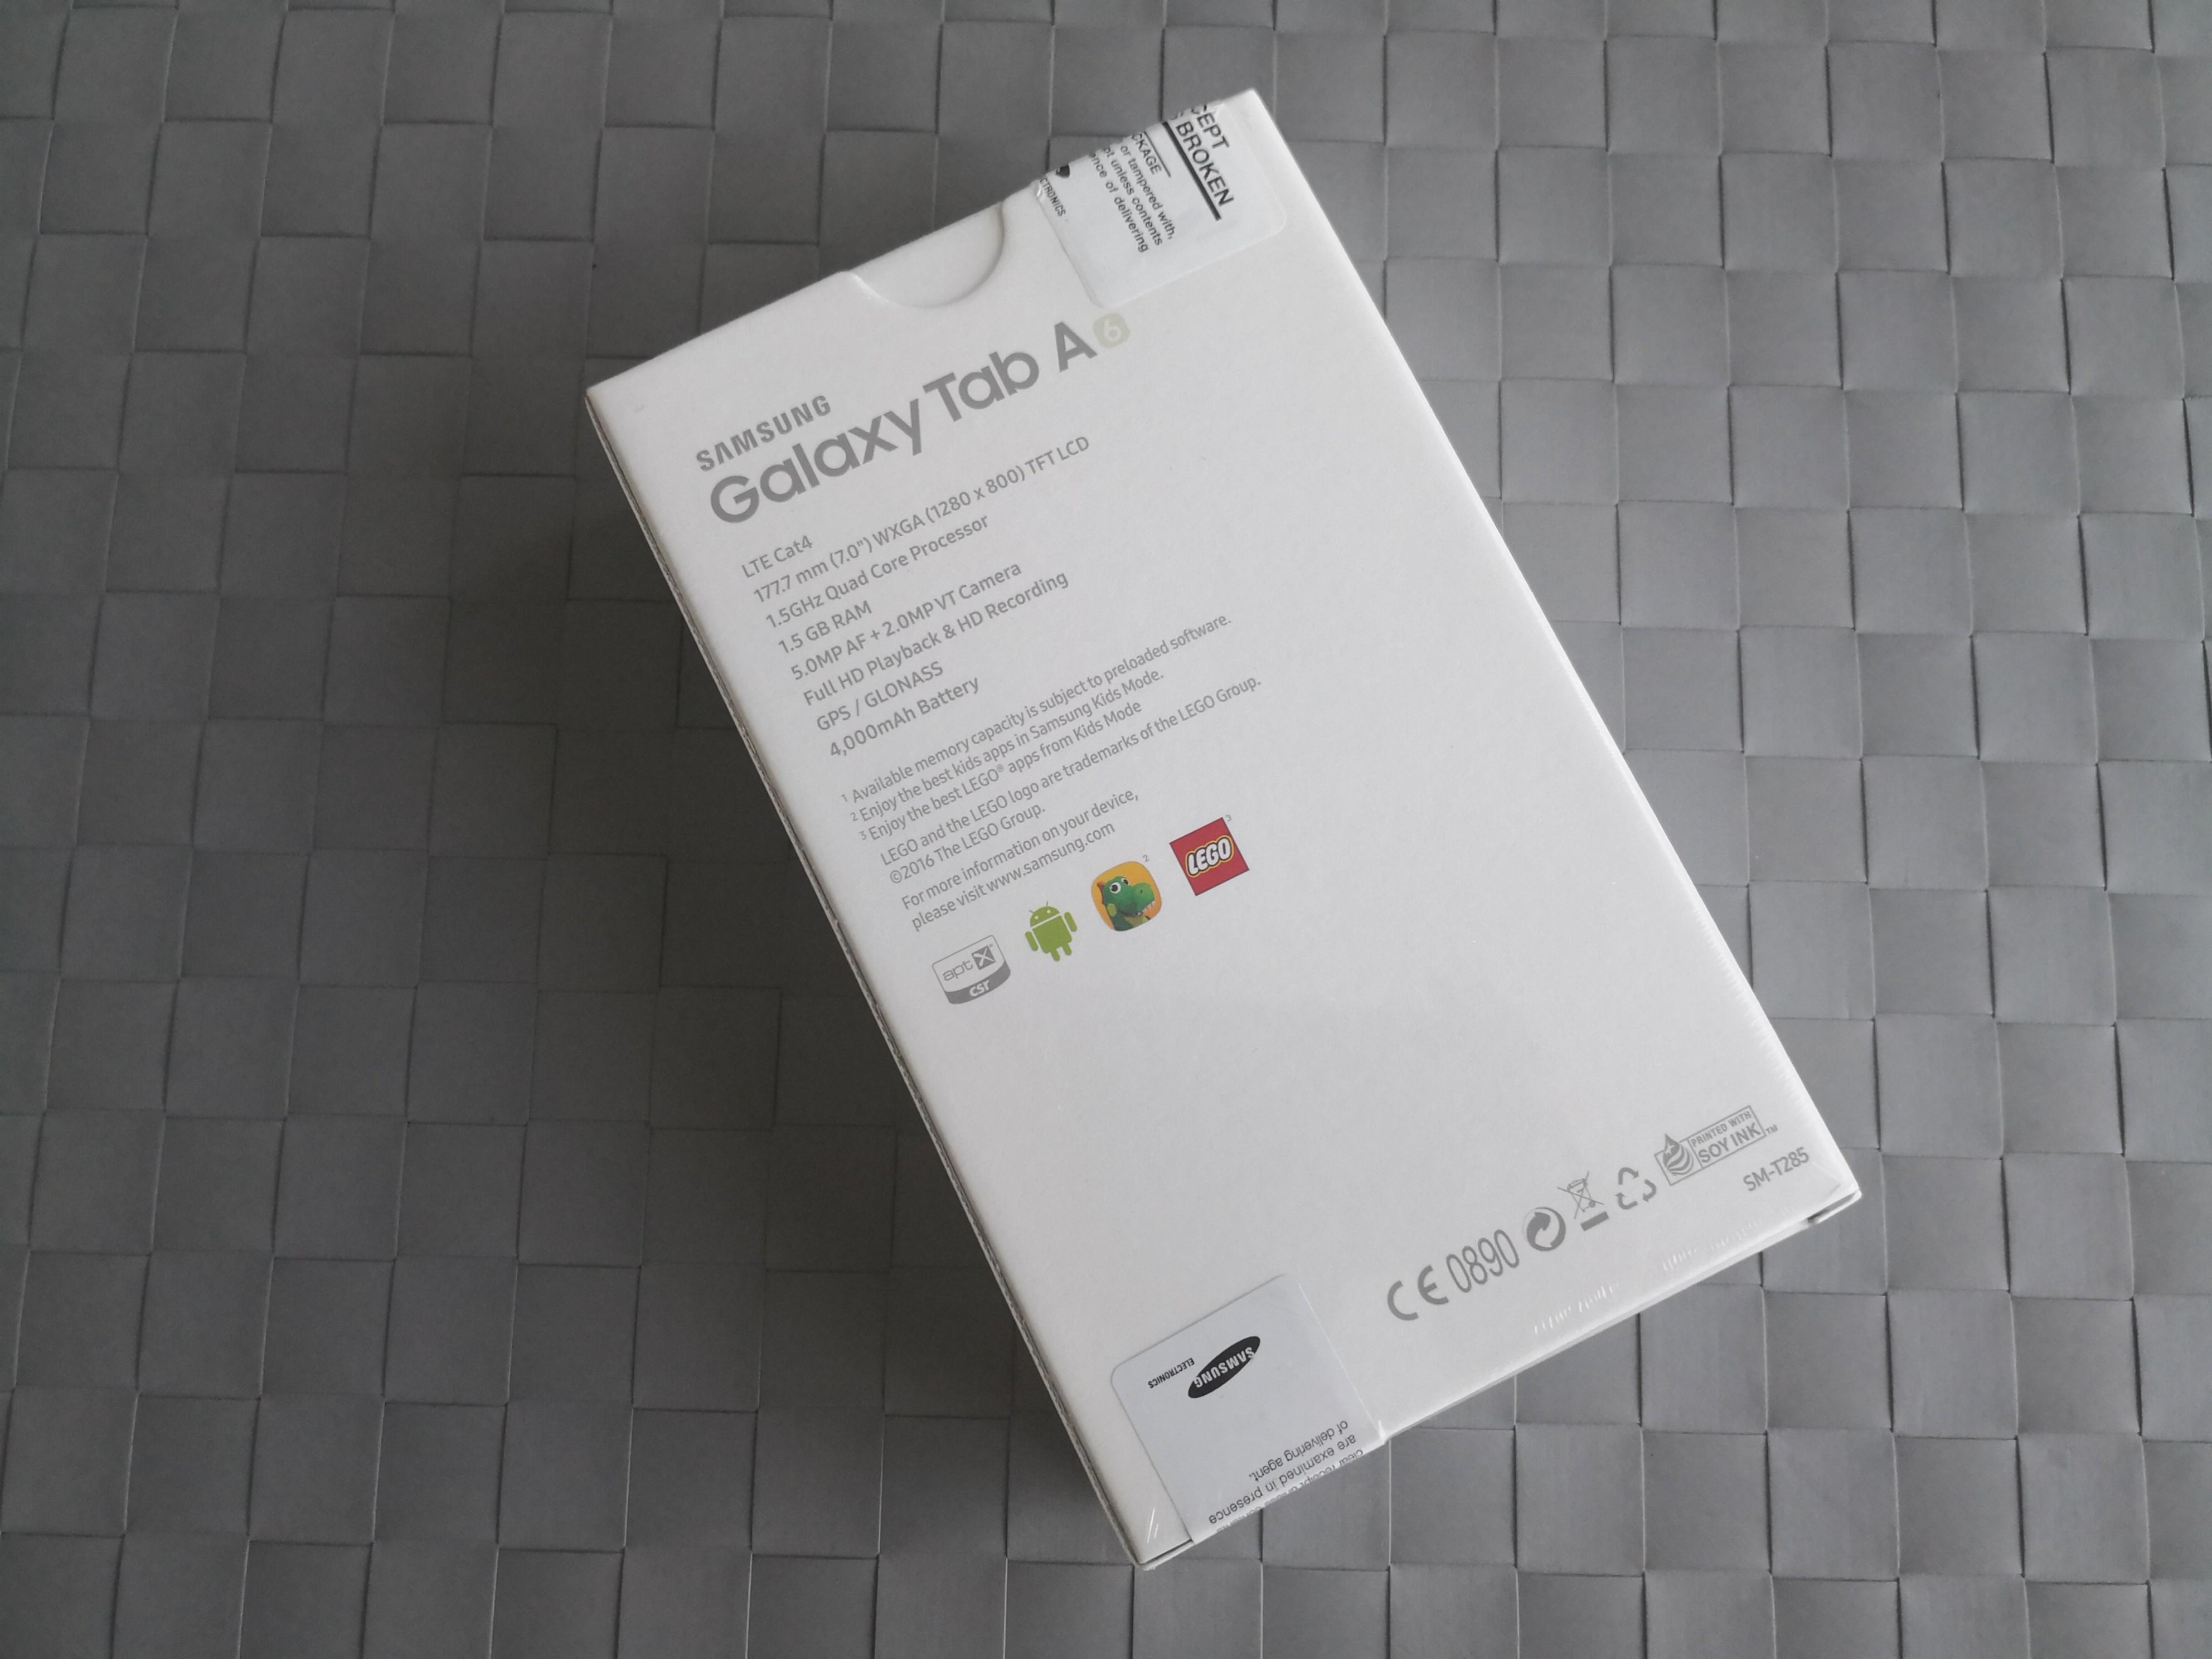 Samsung Galaxy Tab A6 (7 0